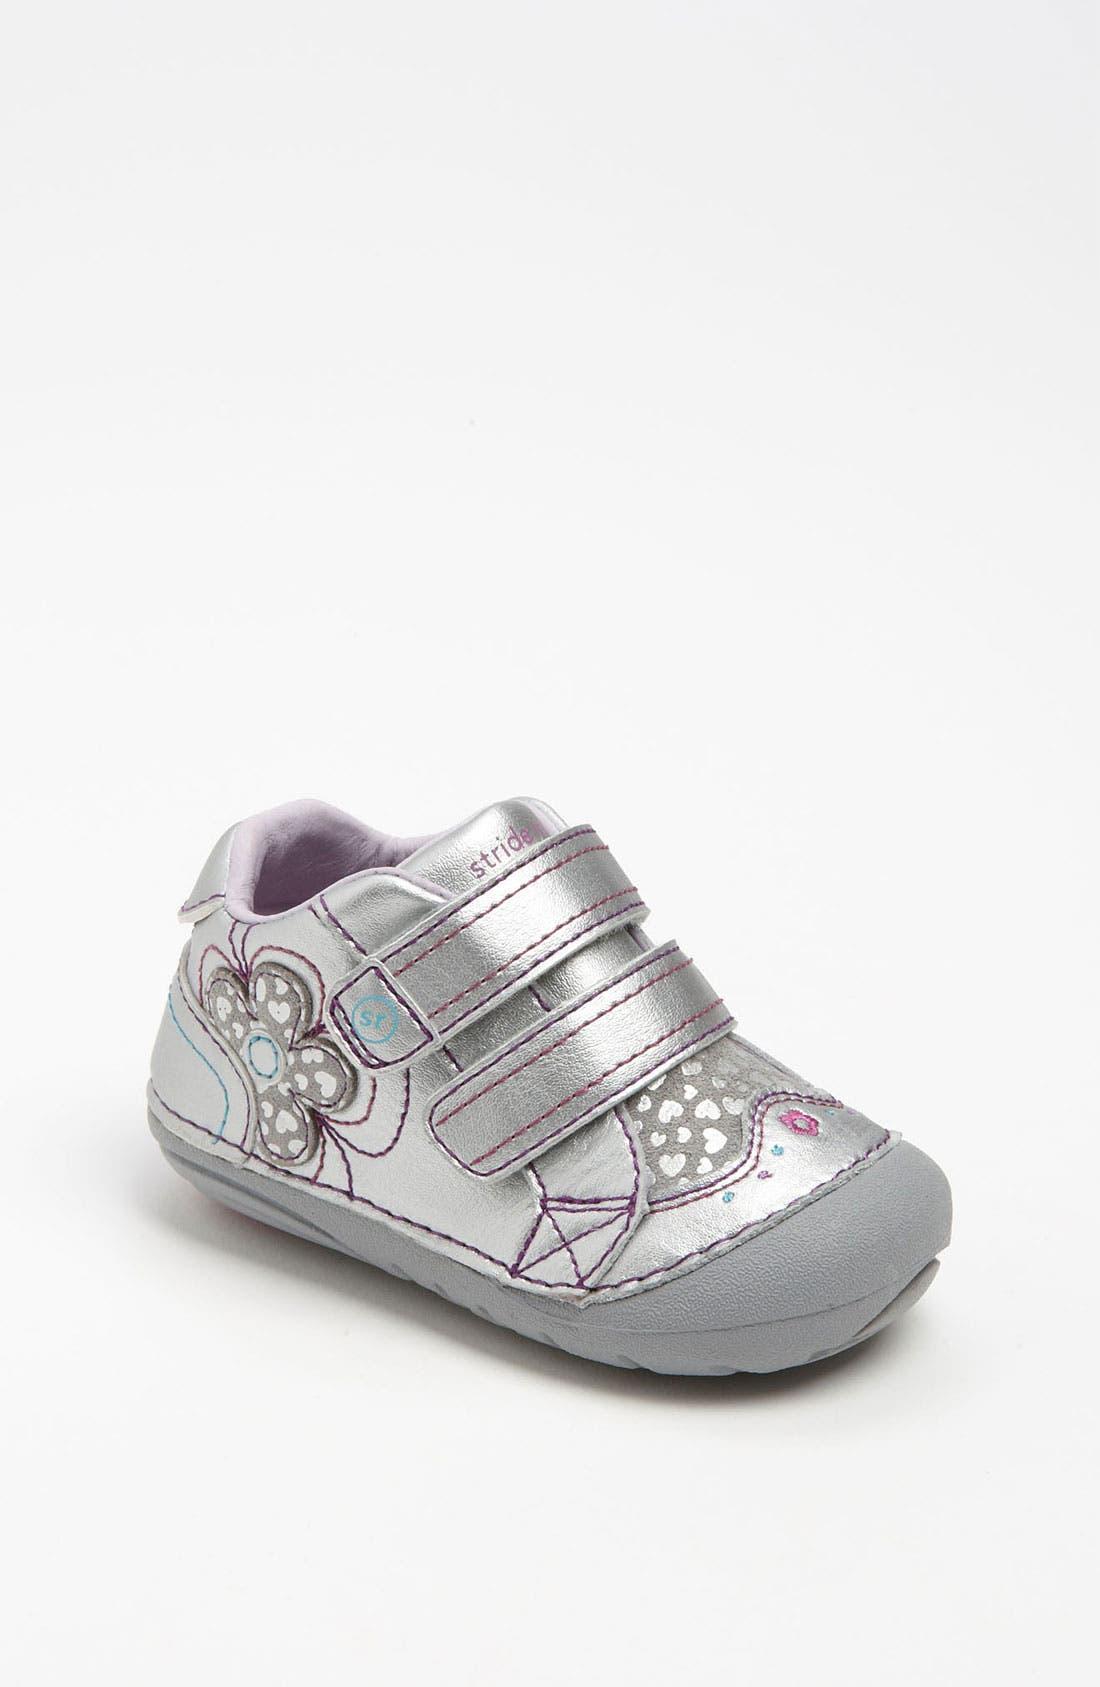 Alternate Image 1 Selected - Stride Rite 'Gloria' Sneaker (Baby & Walker)